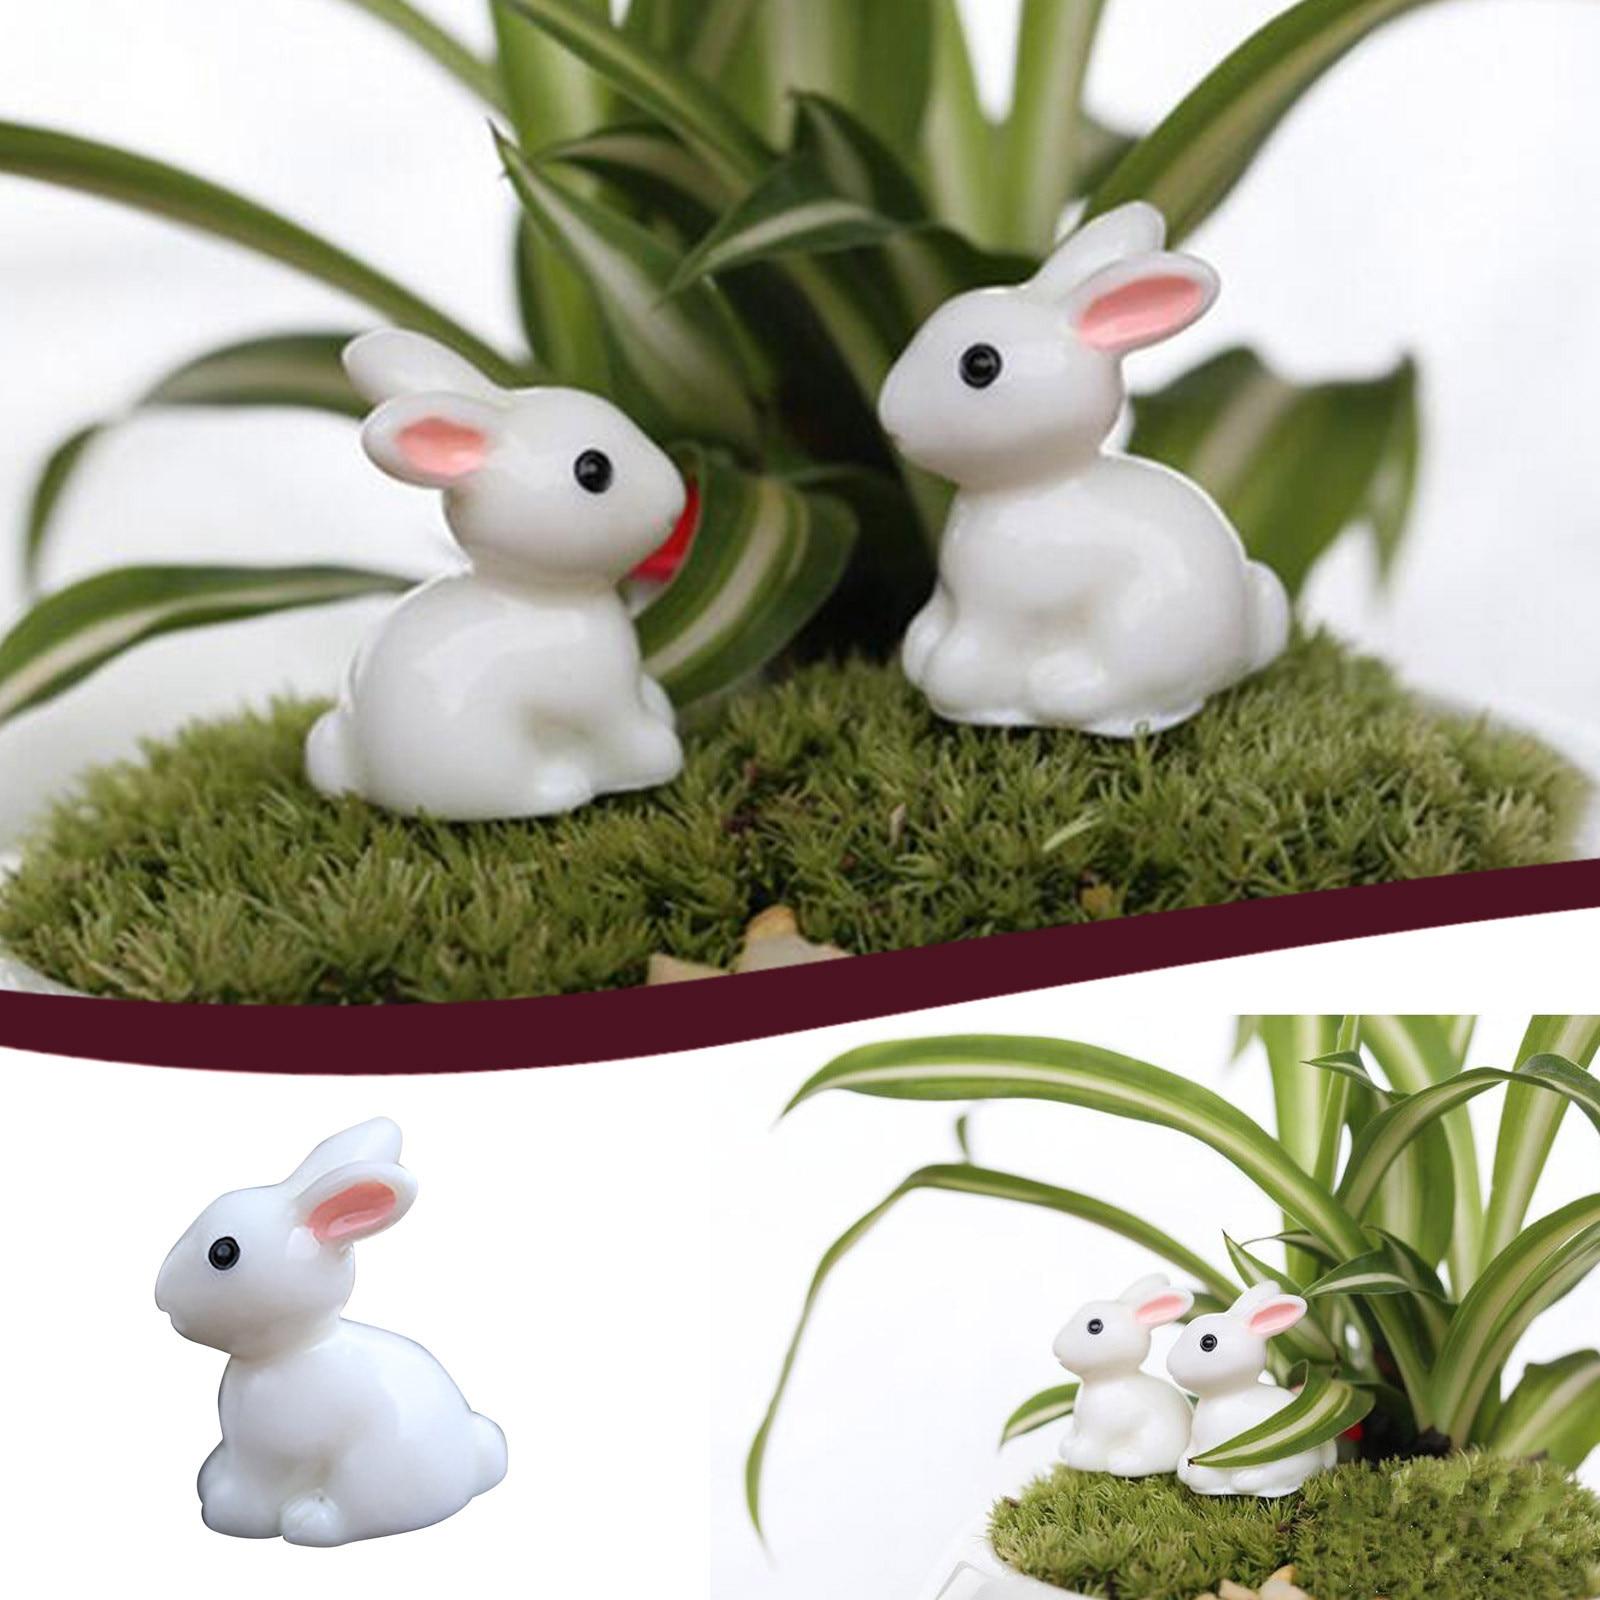 Adornos de conejo de Pascua Artesanías en miniatura para el día de Pascua, jarrón de decoración parágrafo exteriores, señal de jardín